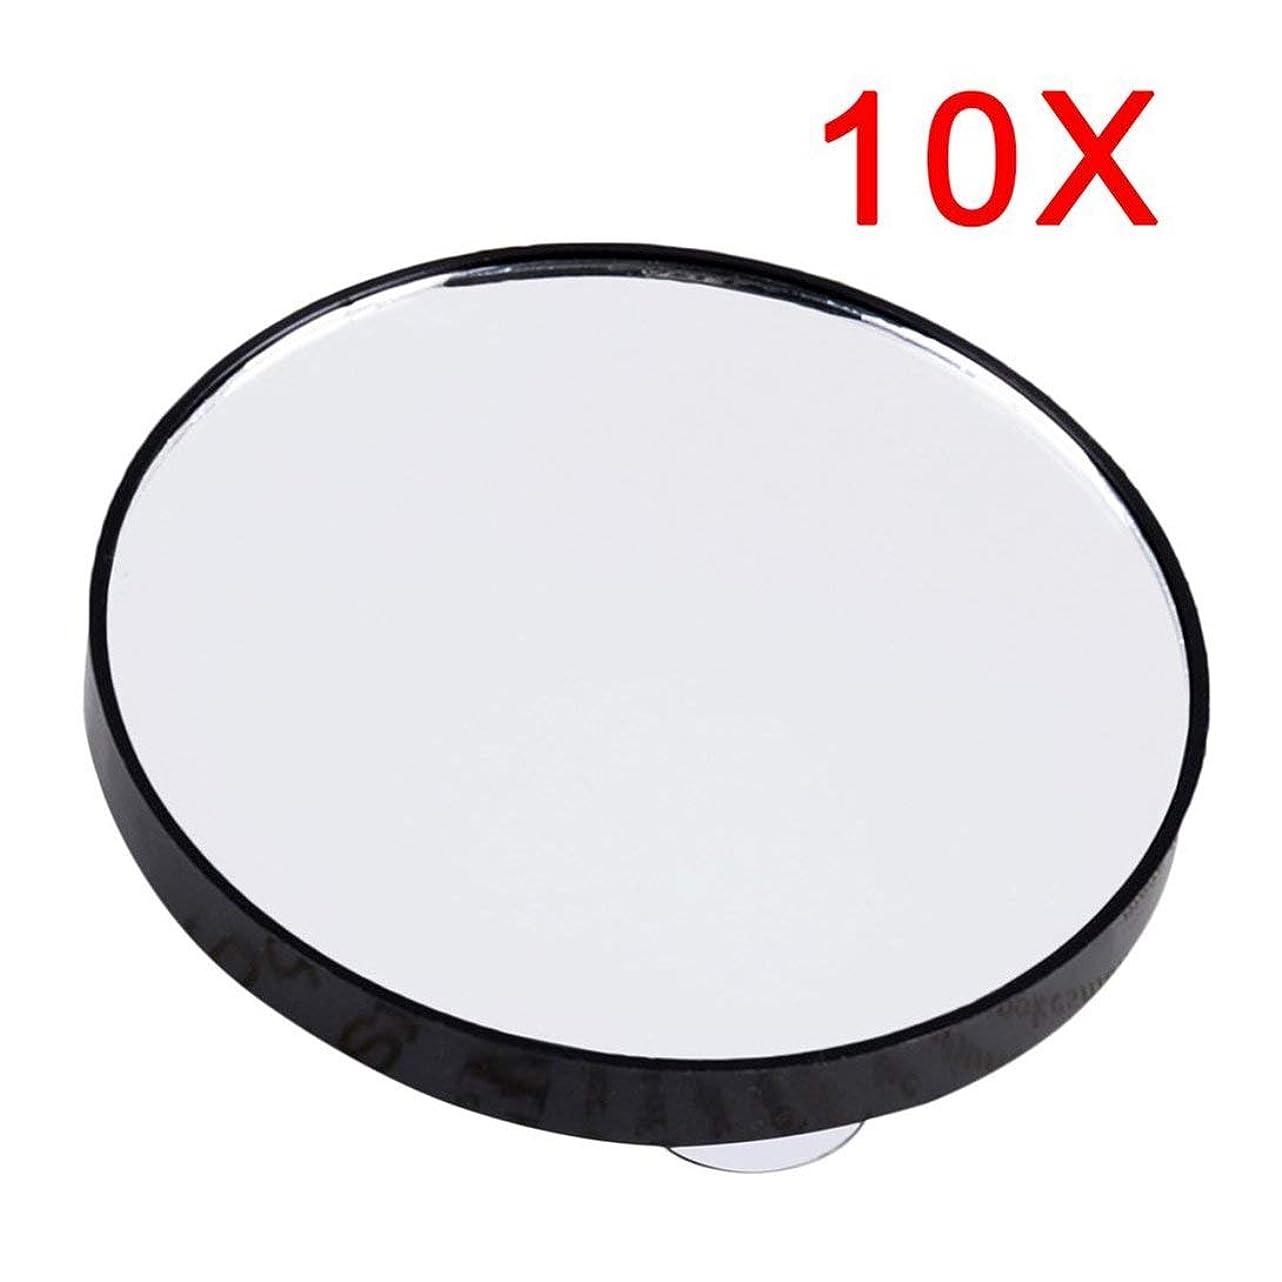 コマースマトロンクラシカルSwiftgood バニティメイクアップミラー5X 10X 15X拡大鏡と2つのサクションカップ化粧品ツールミニラウンドミラー浴室ミラー